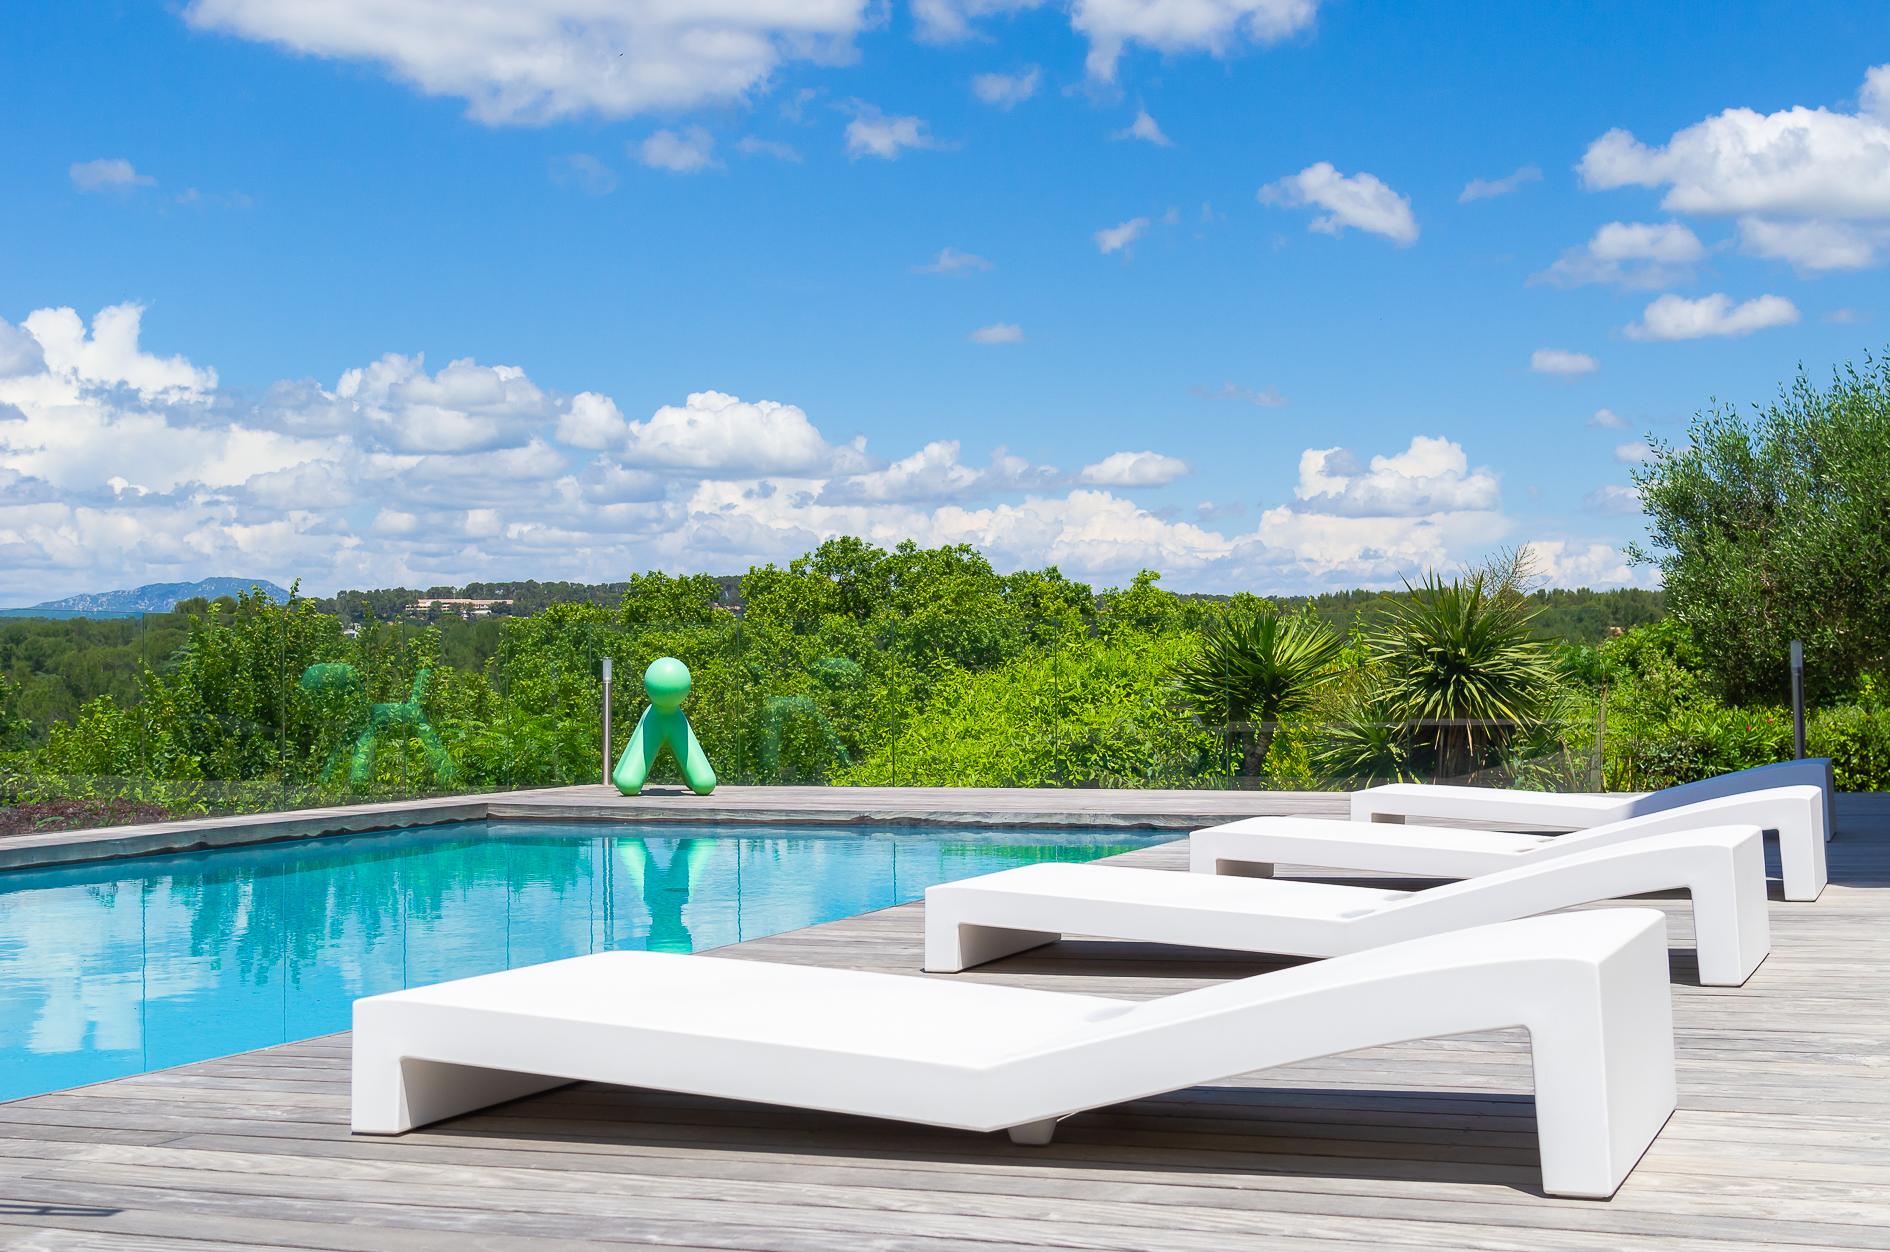 Espace piscine Villa de prestige à Castelnau-le-Lez - Agence Sotheby's Montpellier